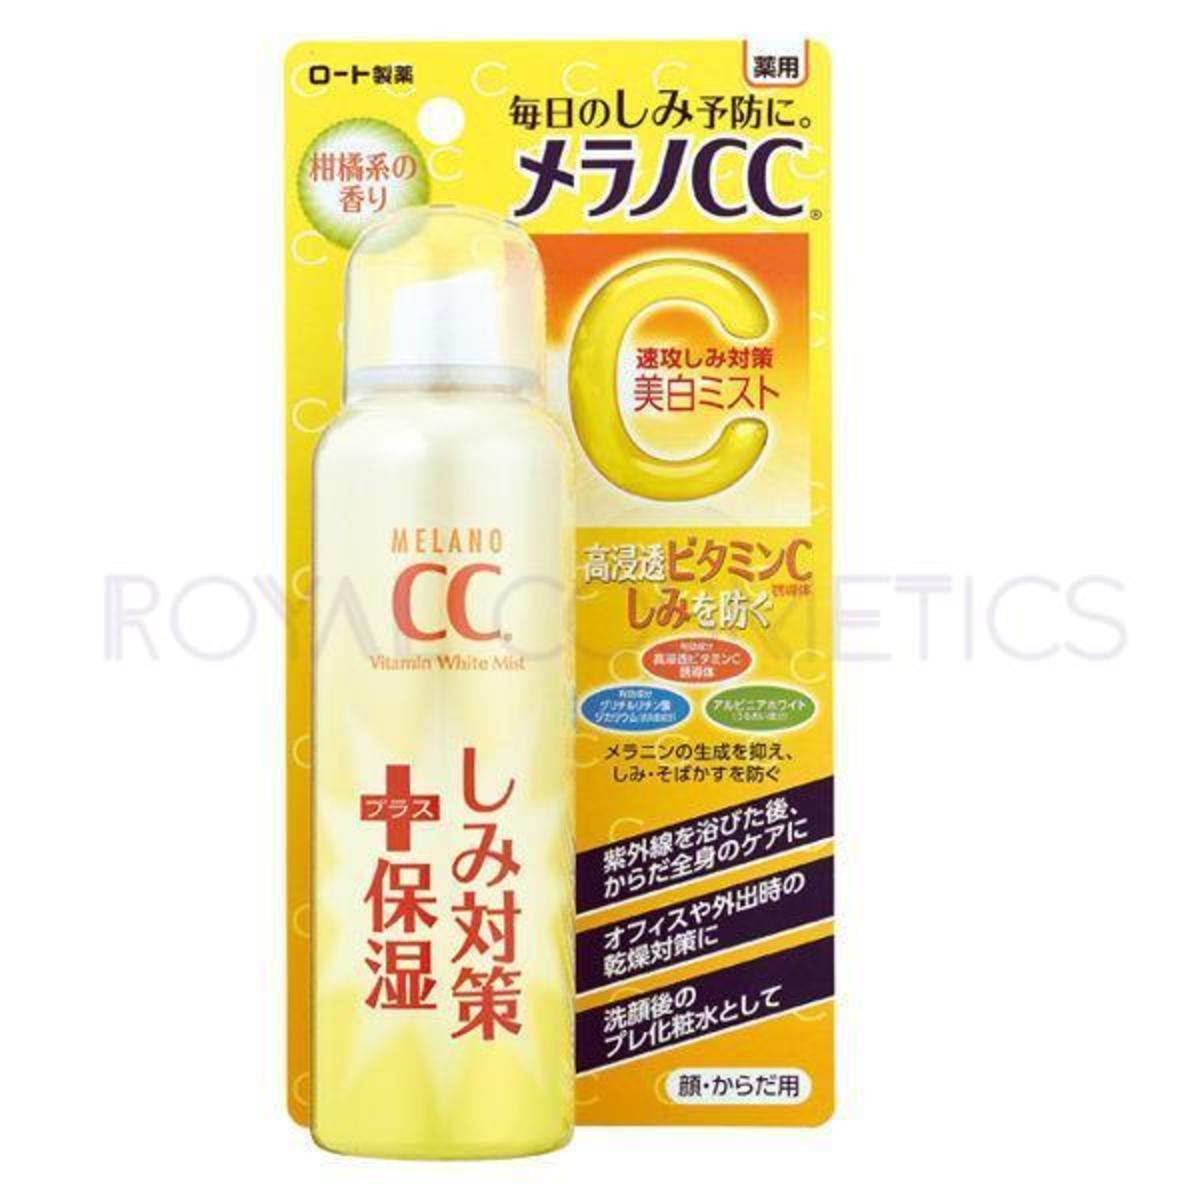 Melano CC Vitamin White Mist 100g (4987241138975)